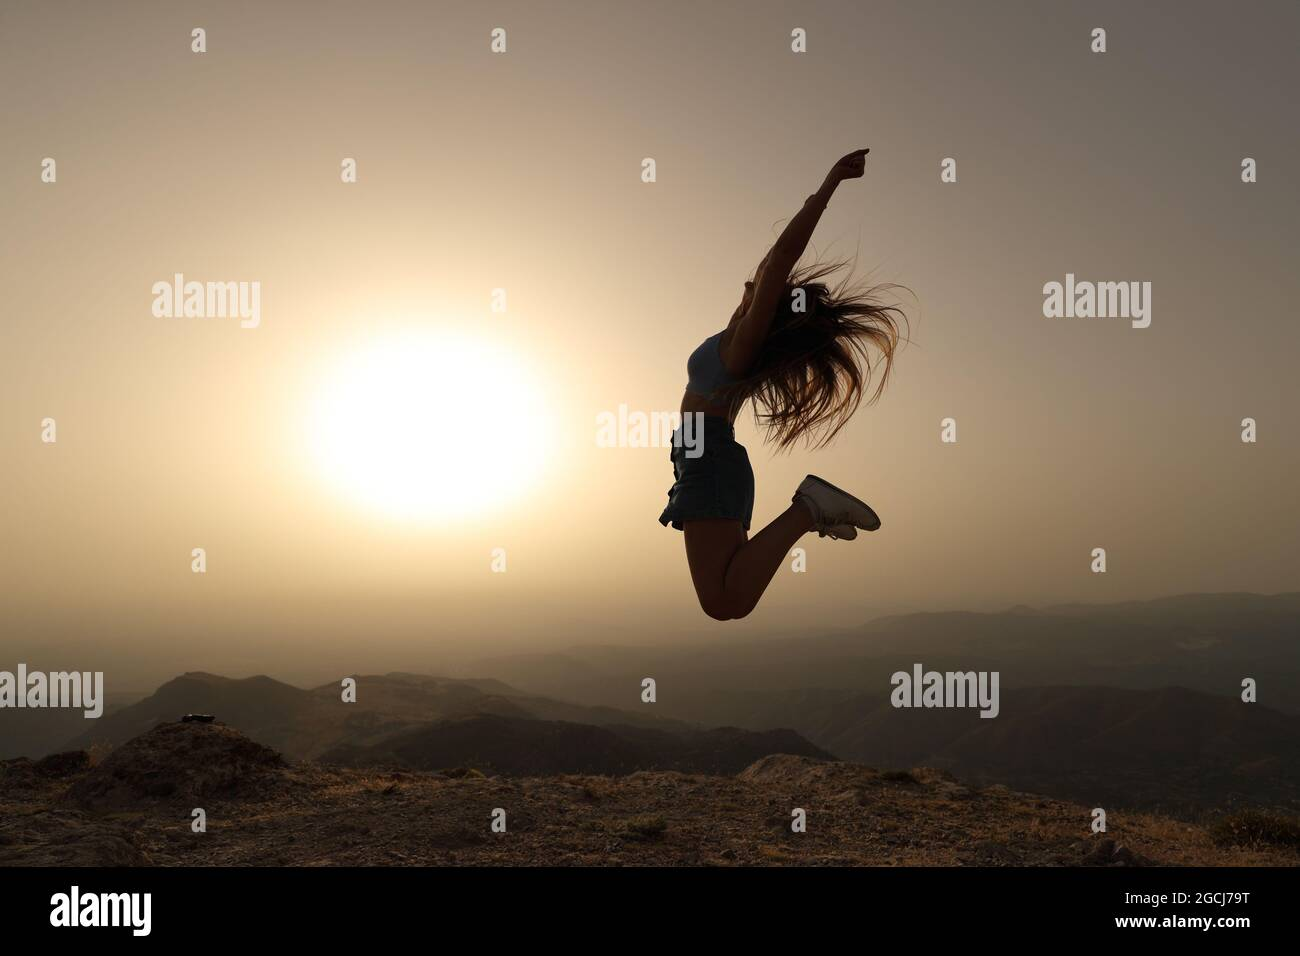 Vue latérale d'une silhouette de femme sautant au coucher du soleil dans la montagne Banque D'Images